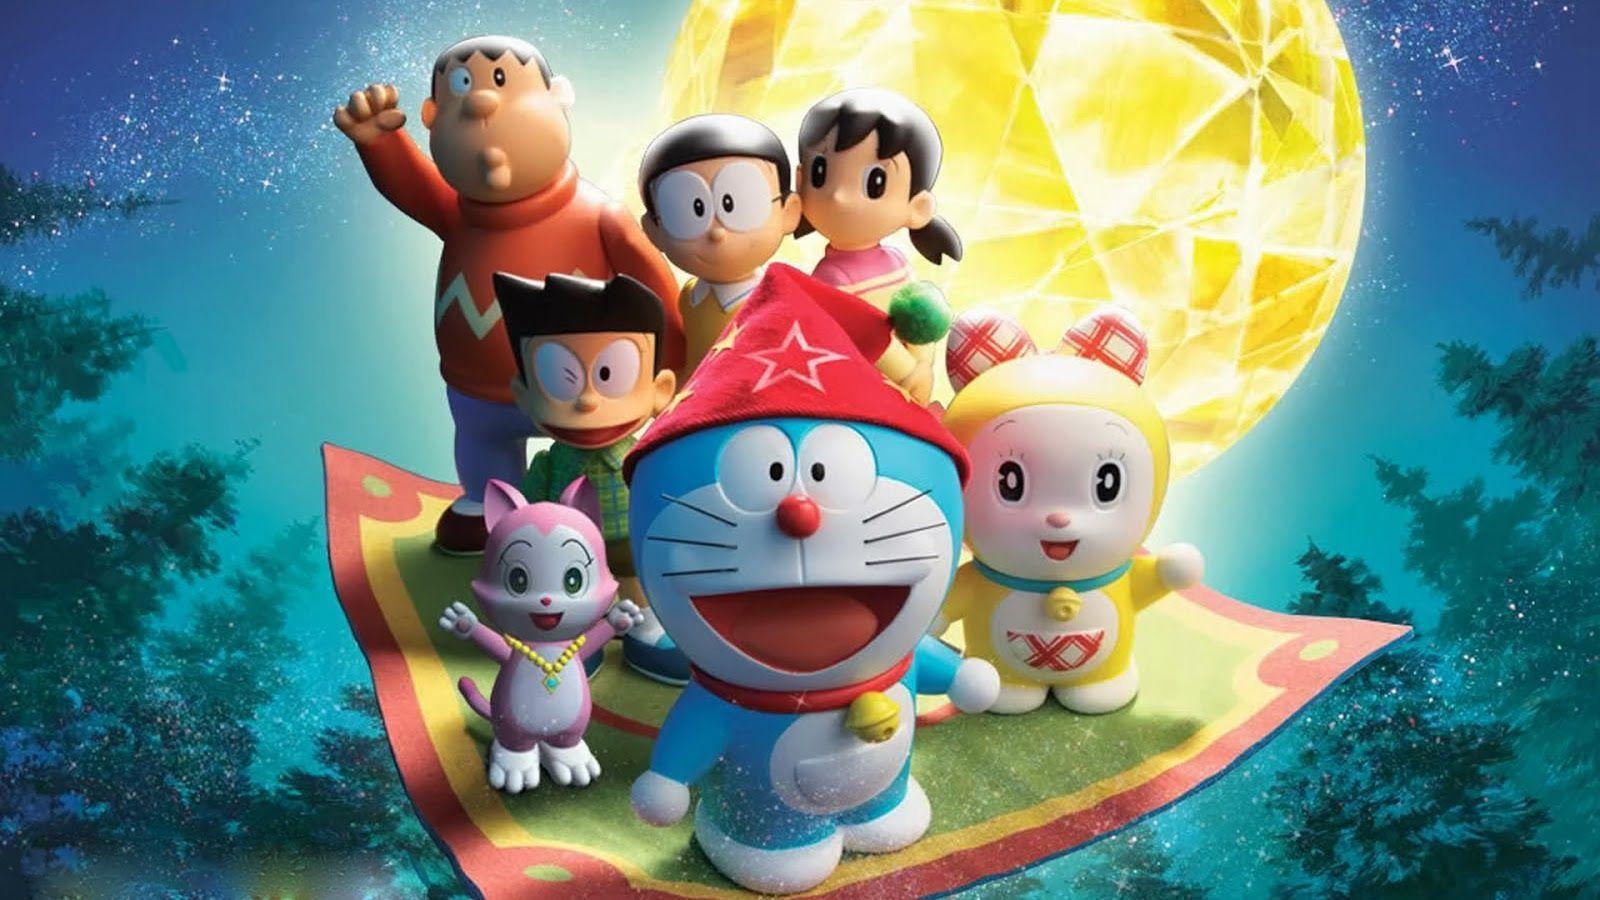 Doraemon 3d Wallpapers 2015 Wallpaper Cave 2014 Hd Gambar Kartun